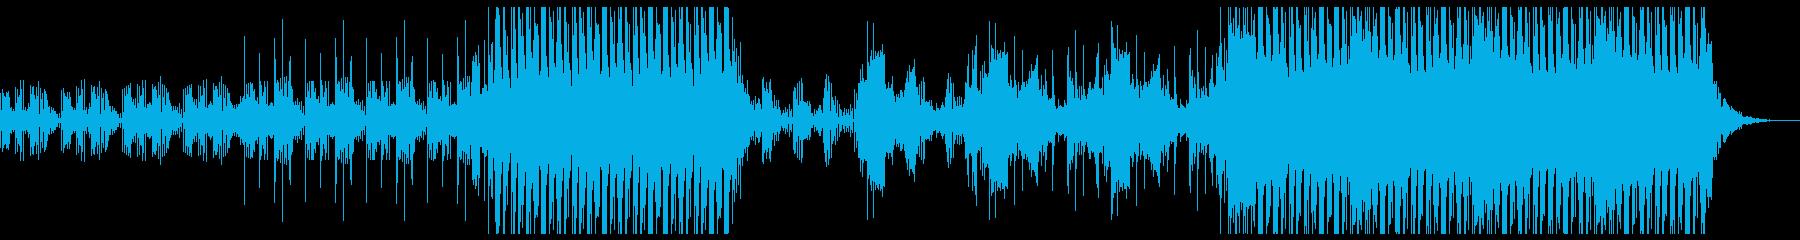 レトロなエレクトロな音が印象的なBGMの再生済みの波形